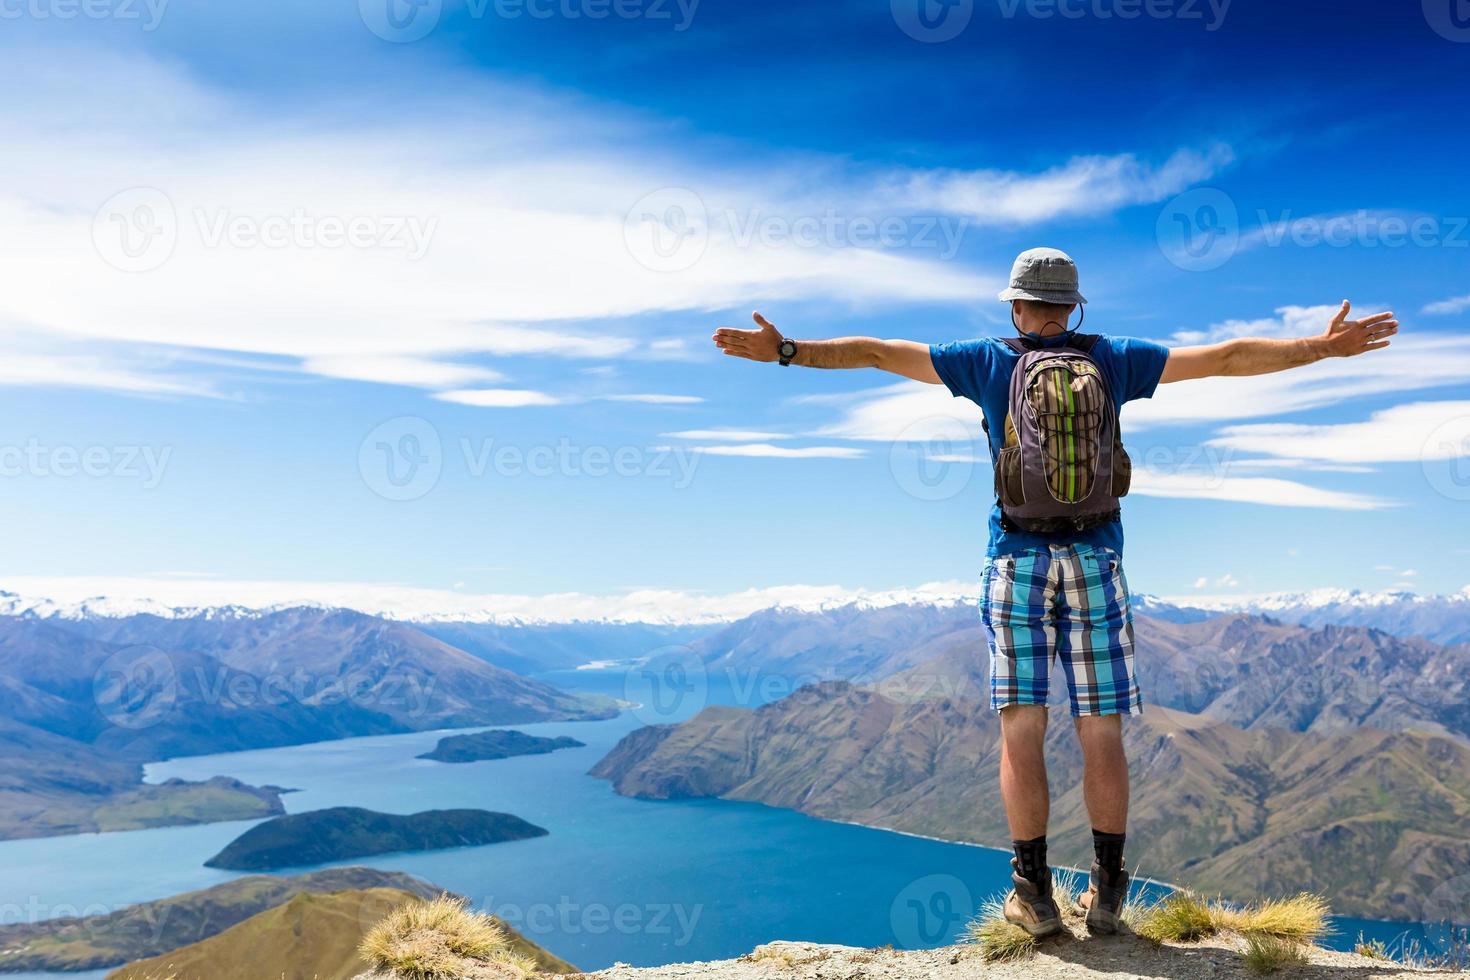 l'escursionista in cima a una roccia si gode una giornata di sole foto